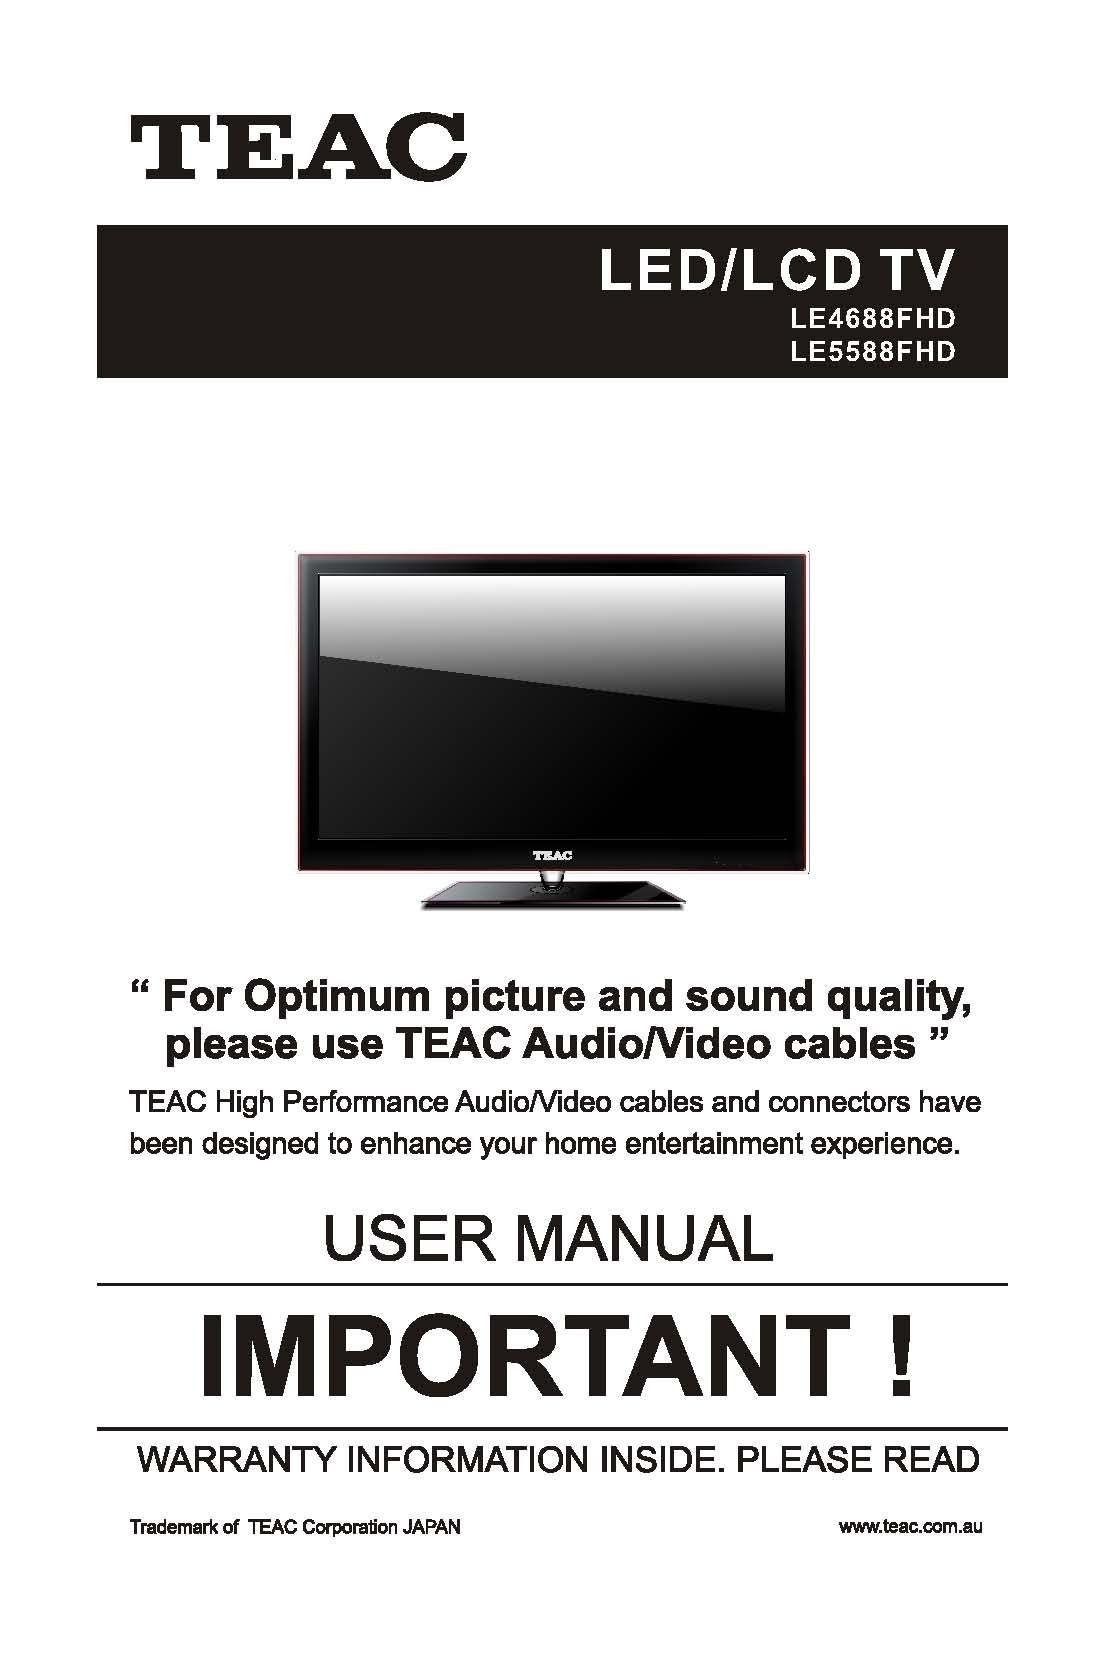 teac le4688fhd le5588fhd user manual store809 rh store809 com TEAC 3340 Service Manual TEAC an 80 User Manual